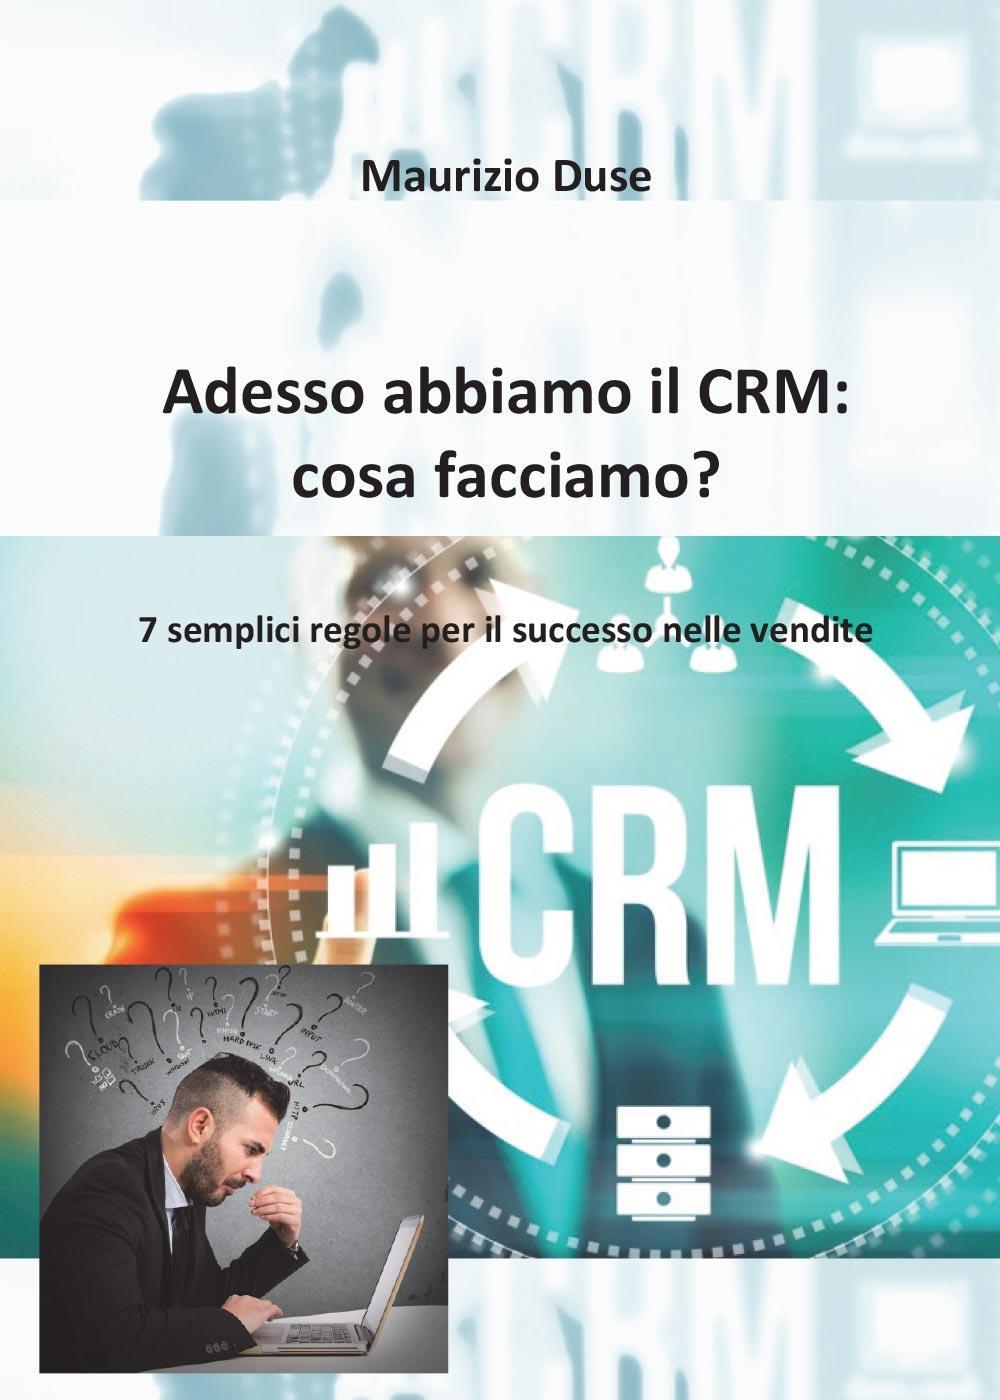 Adesso abbiamo il CRM: cosa facciamo?